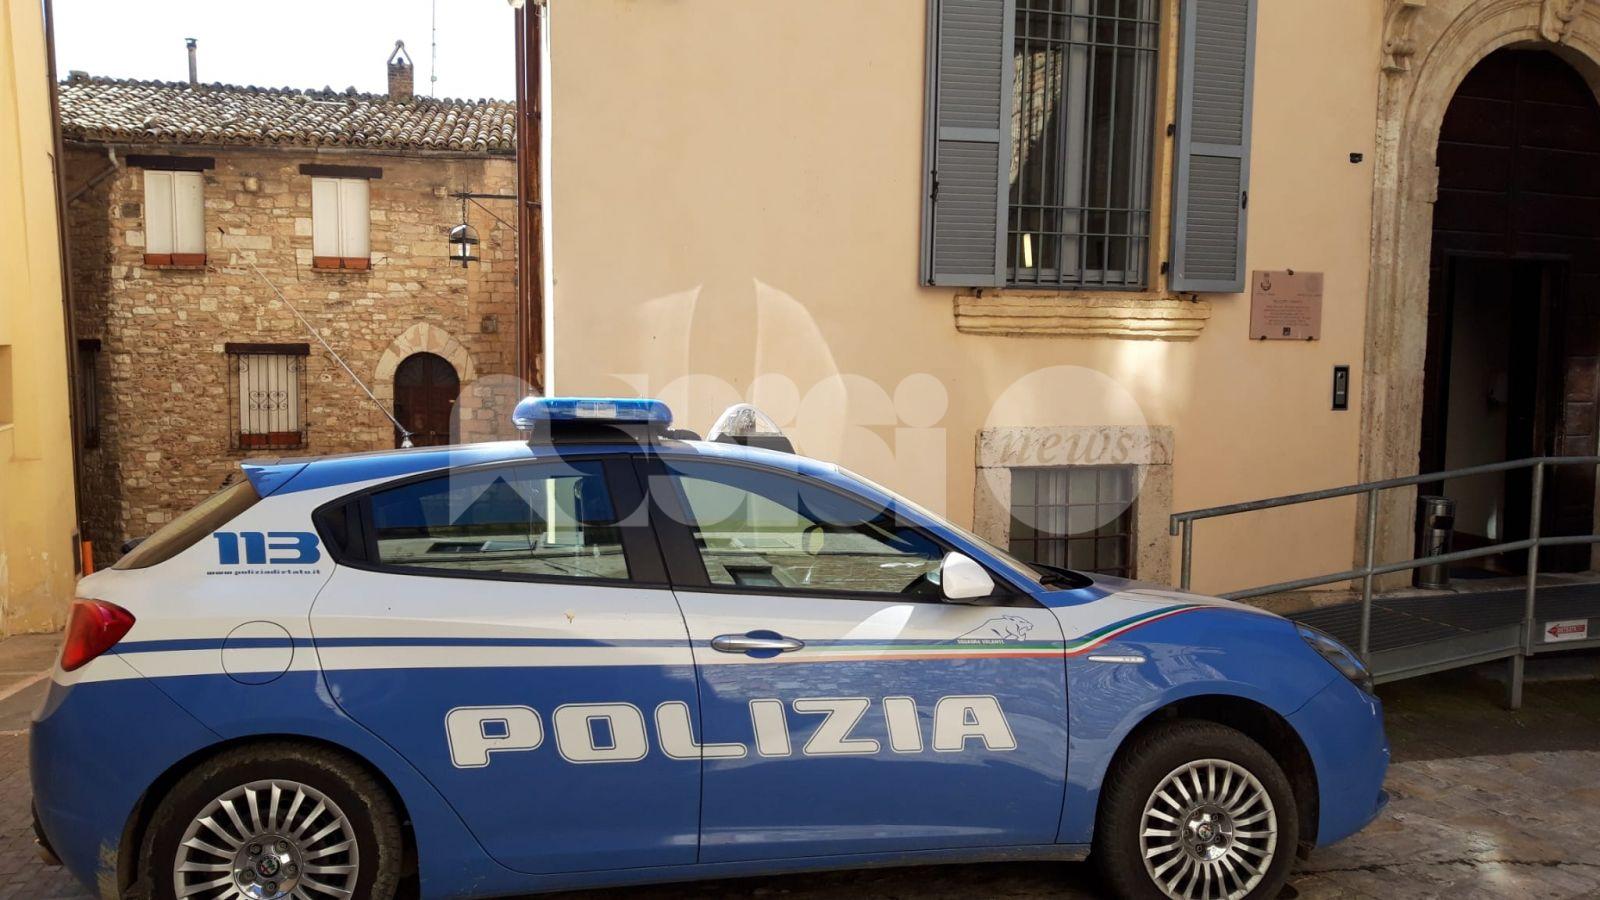 Litigio tra vicini con minacce di morte: interviene la Polizia, due denunce